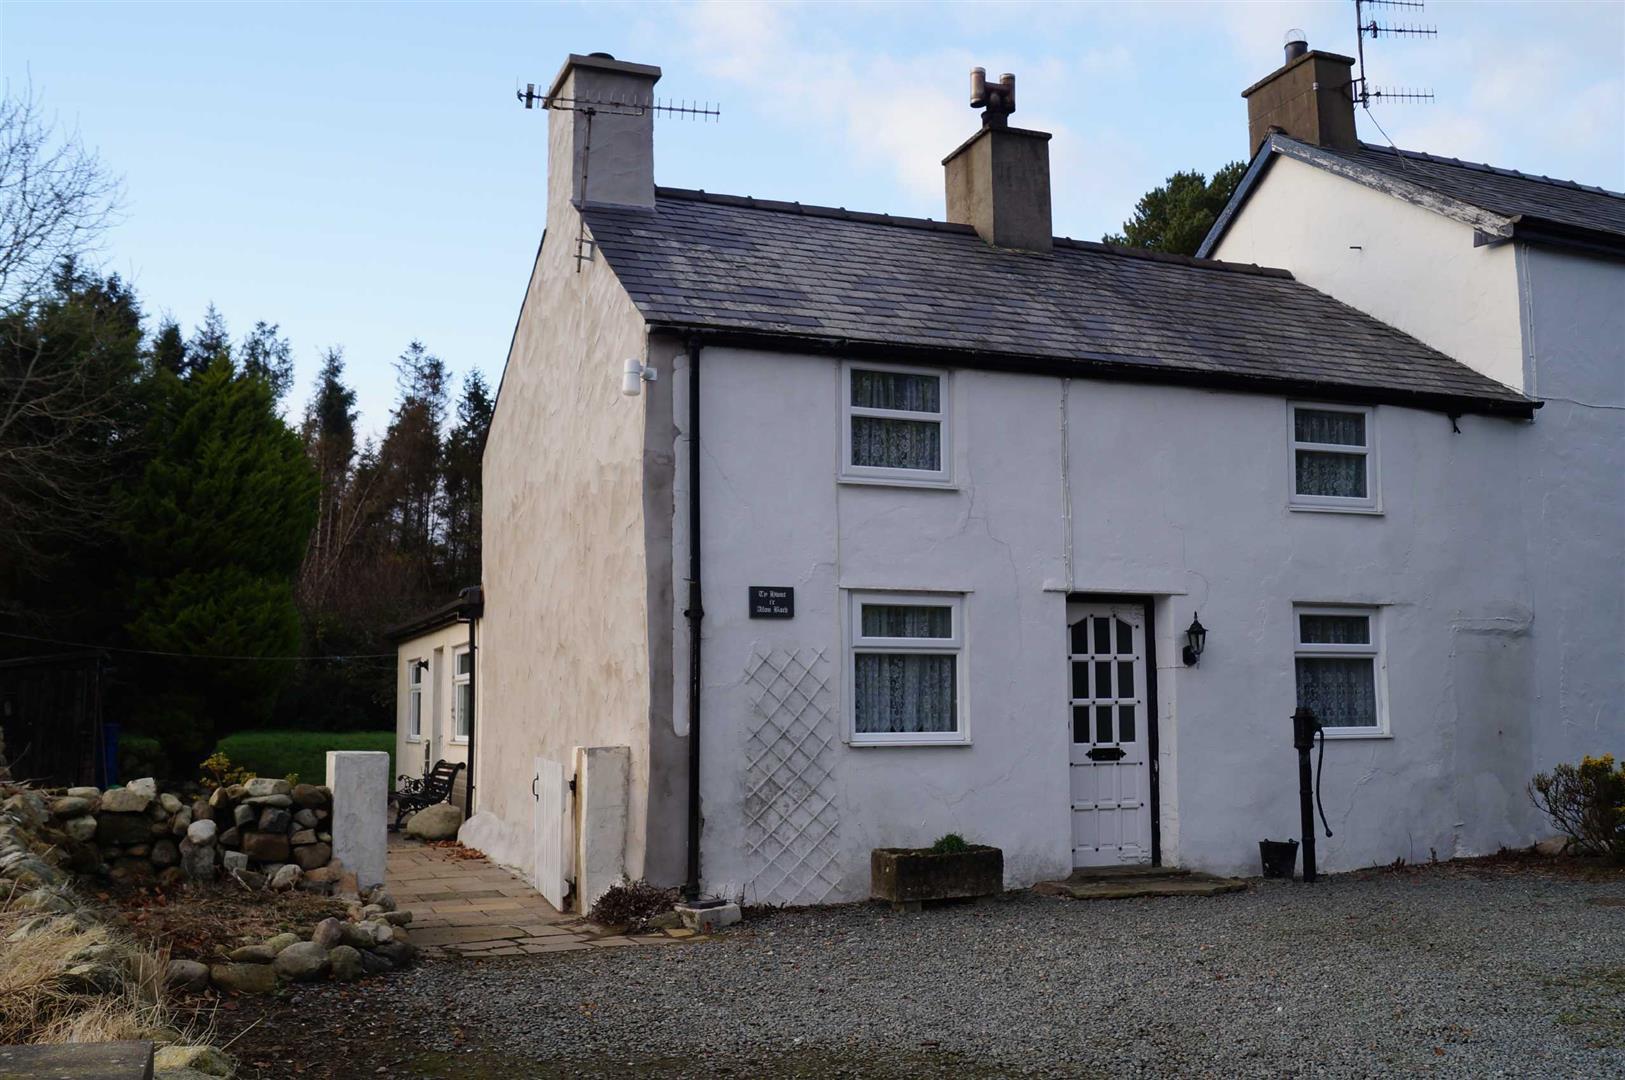 Llannor - £169,995